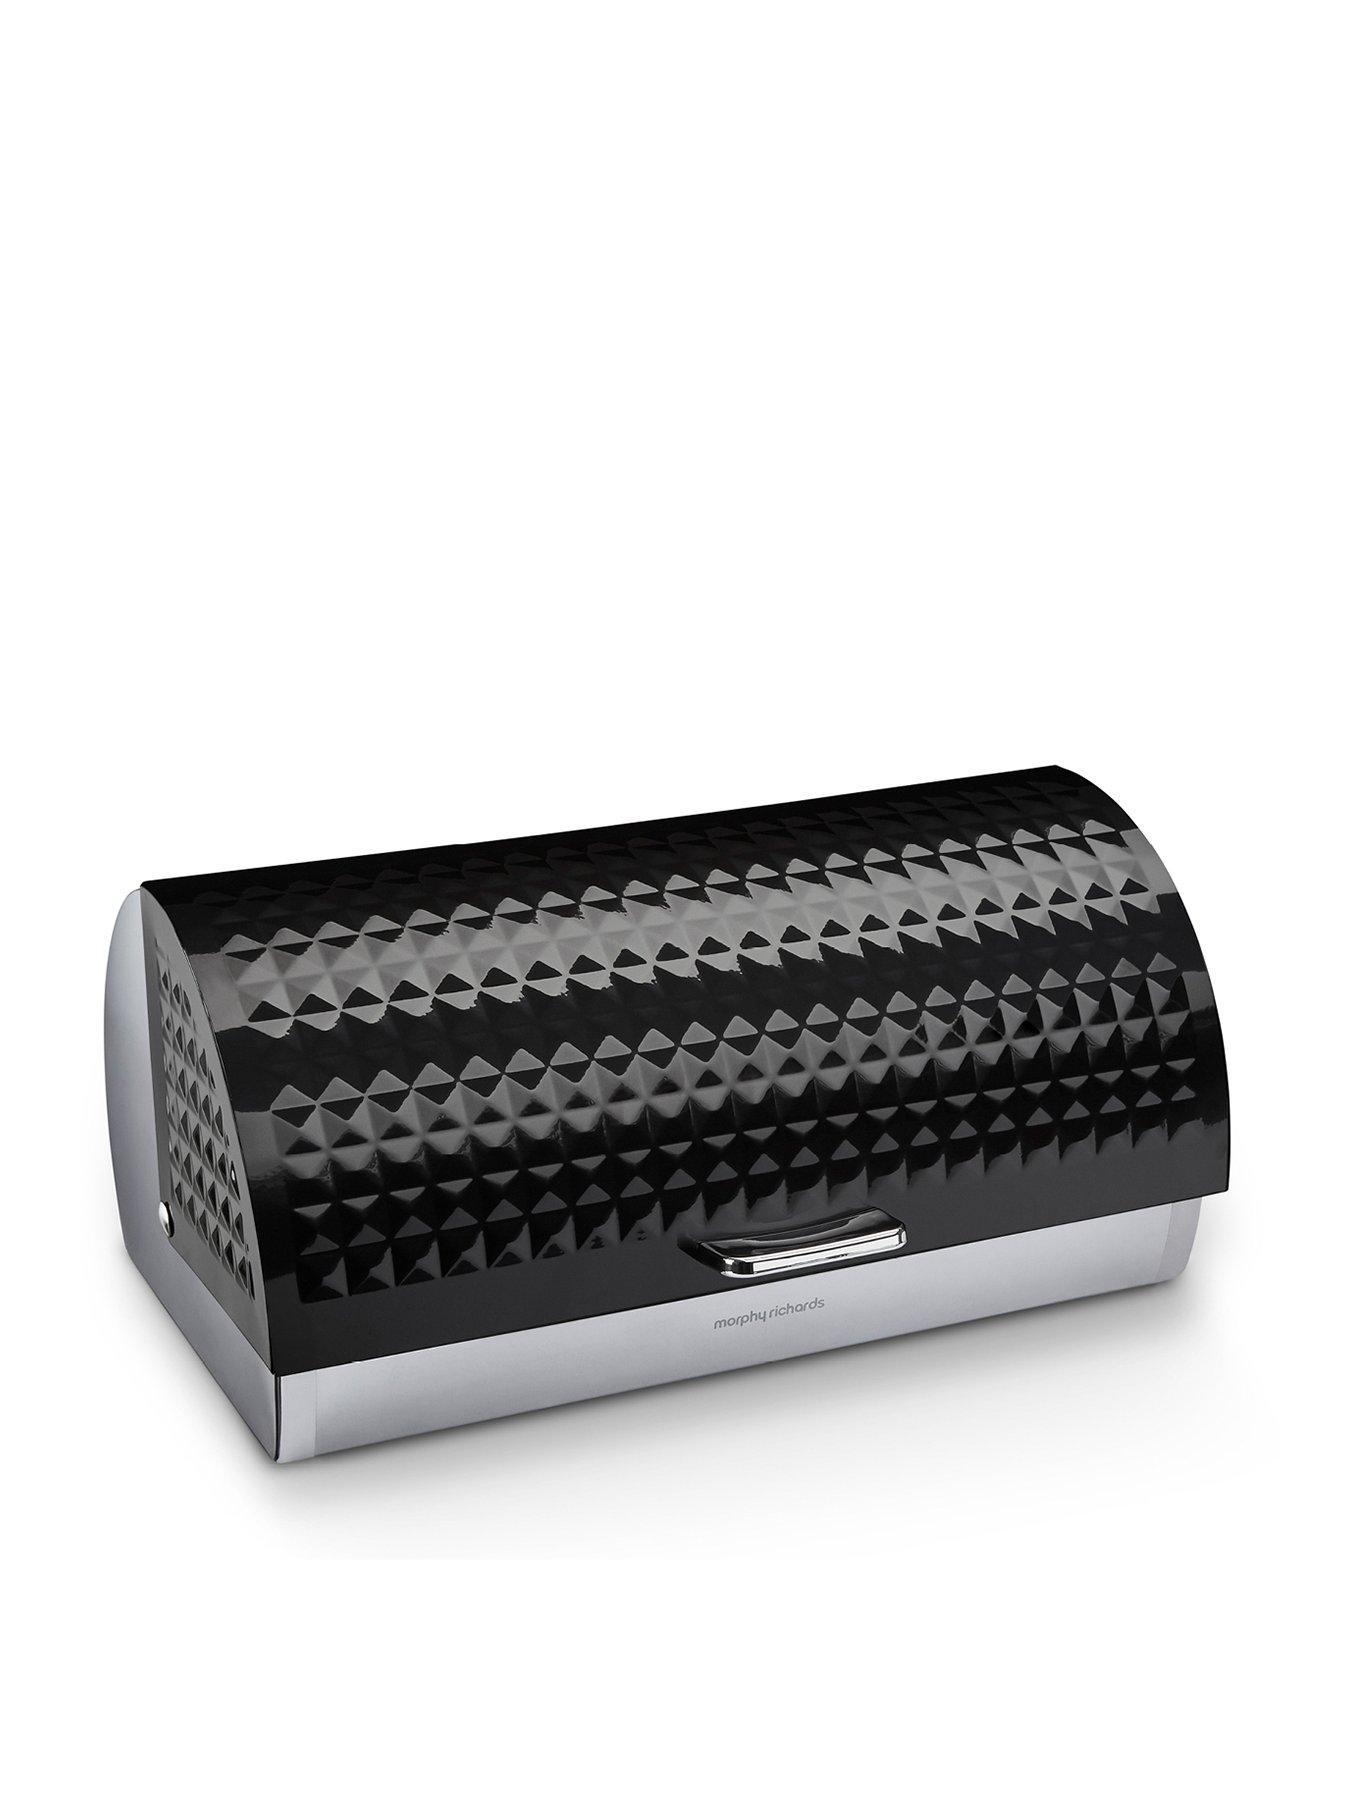 Food & Kitchen Storage Bread Bins Smart Bread Bin Stainless Steel Kitchen Storage Black Rose Gold Lid Roll Top